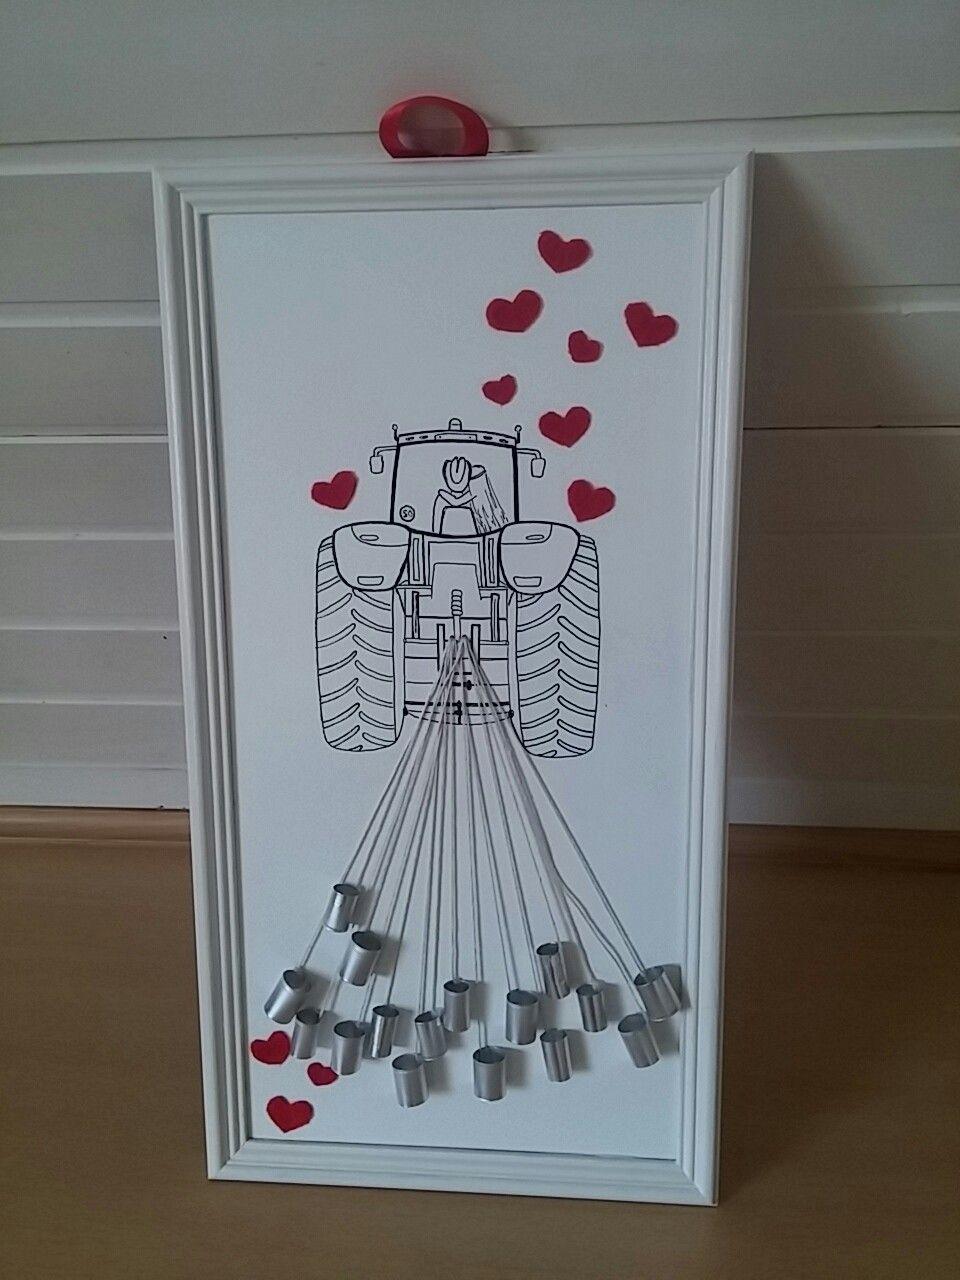 hochzeitsgeschenk mit traktor bridal shower wedding